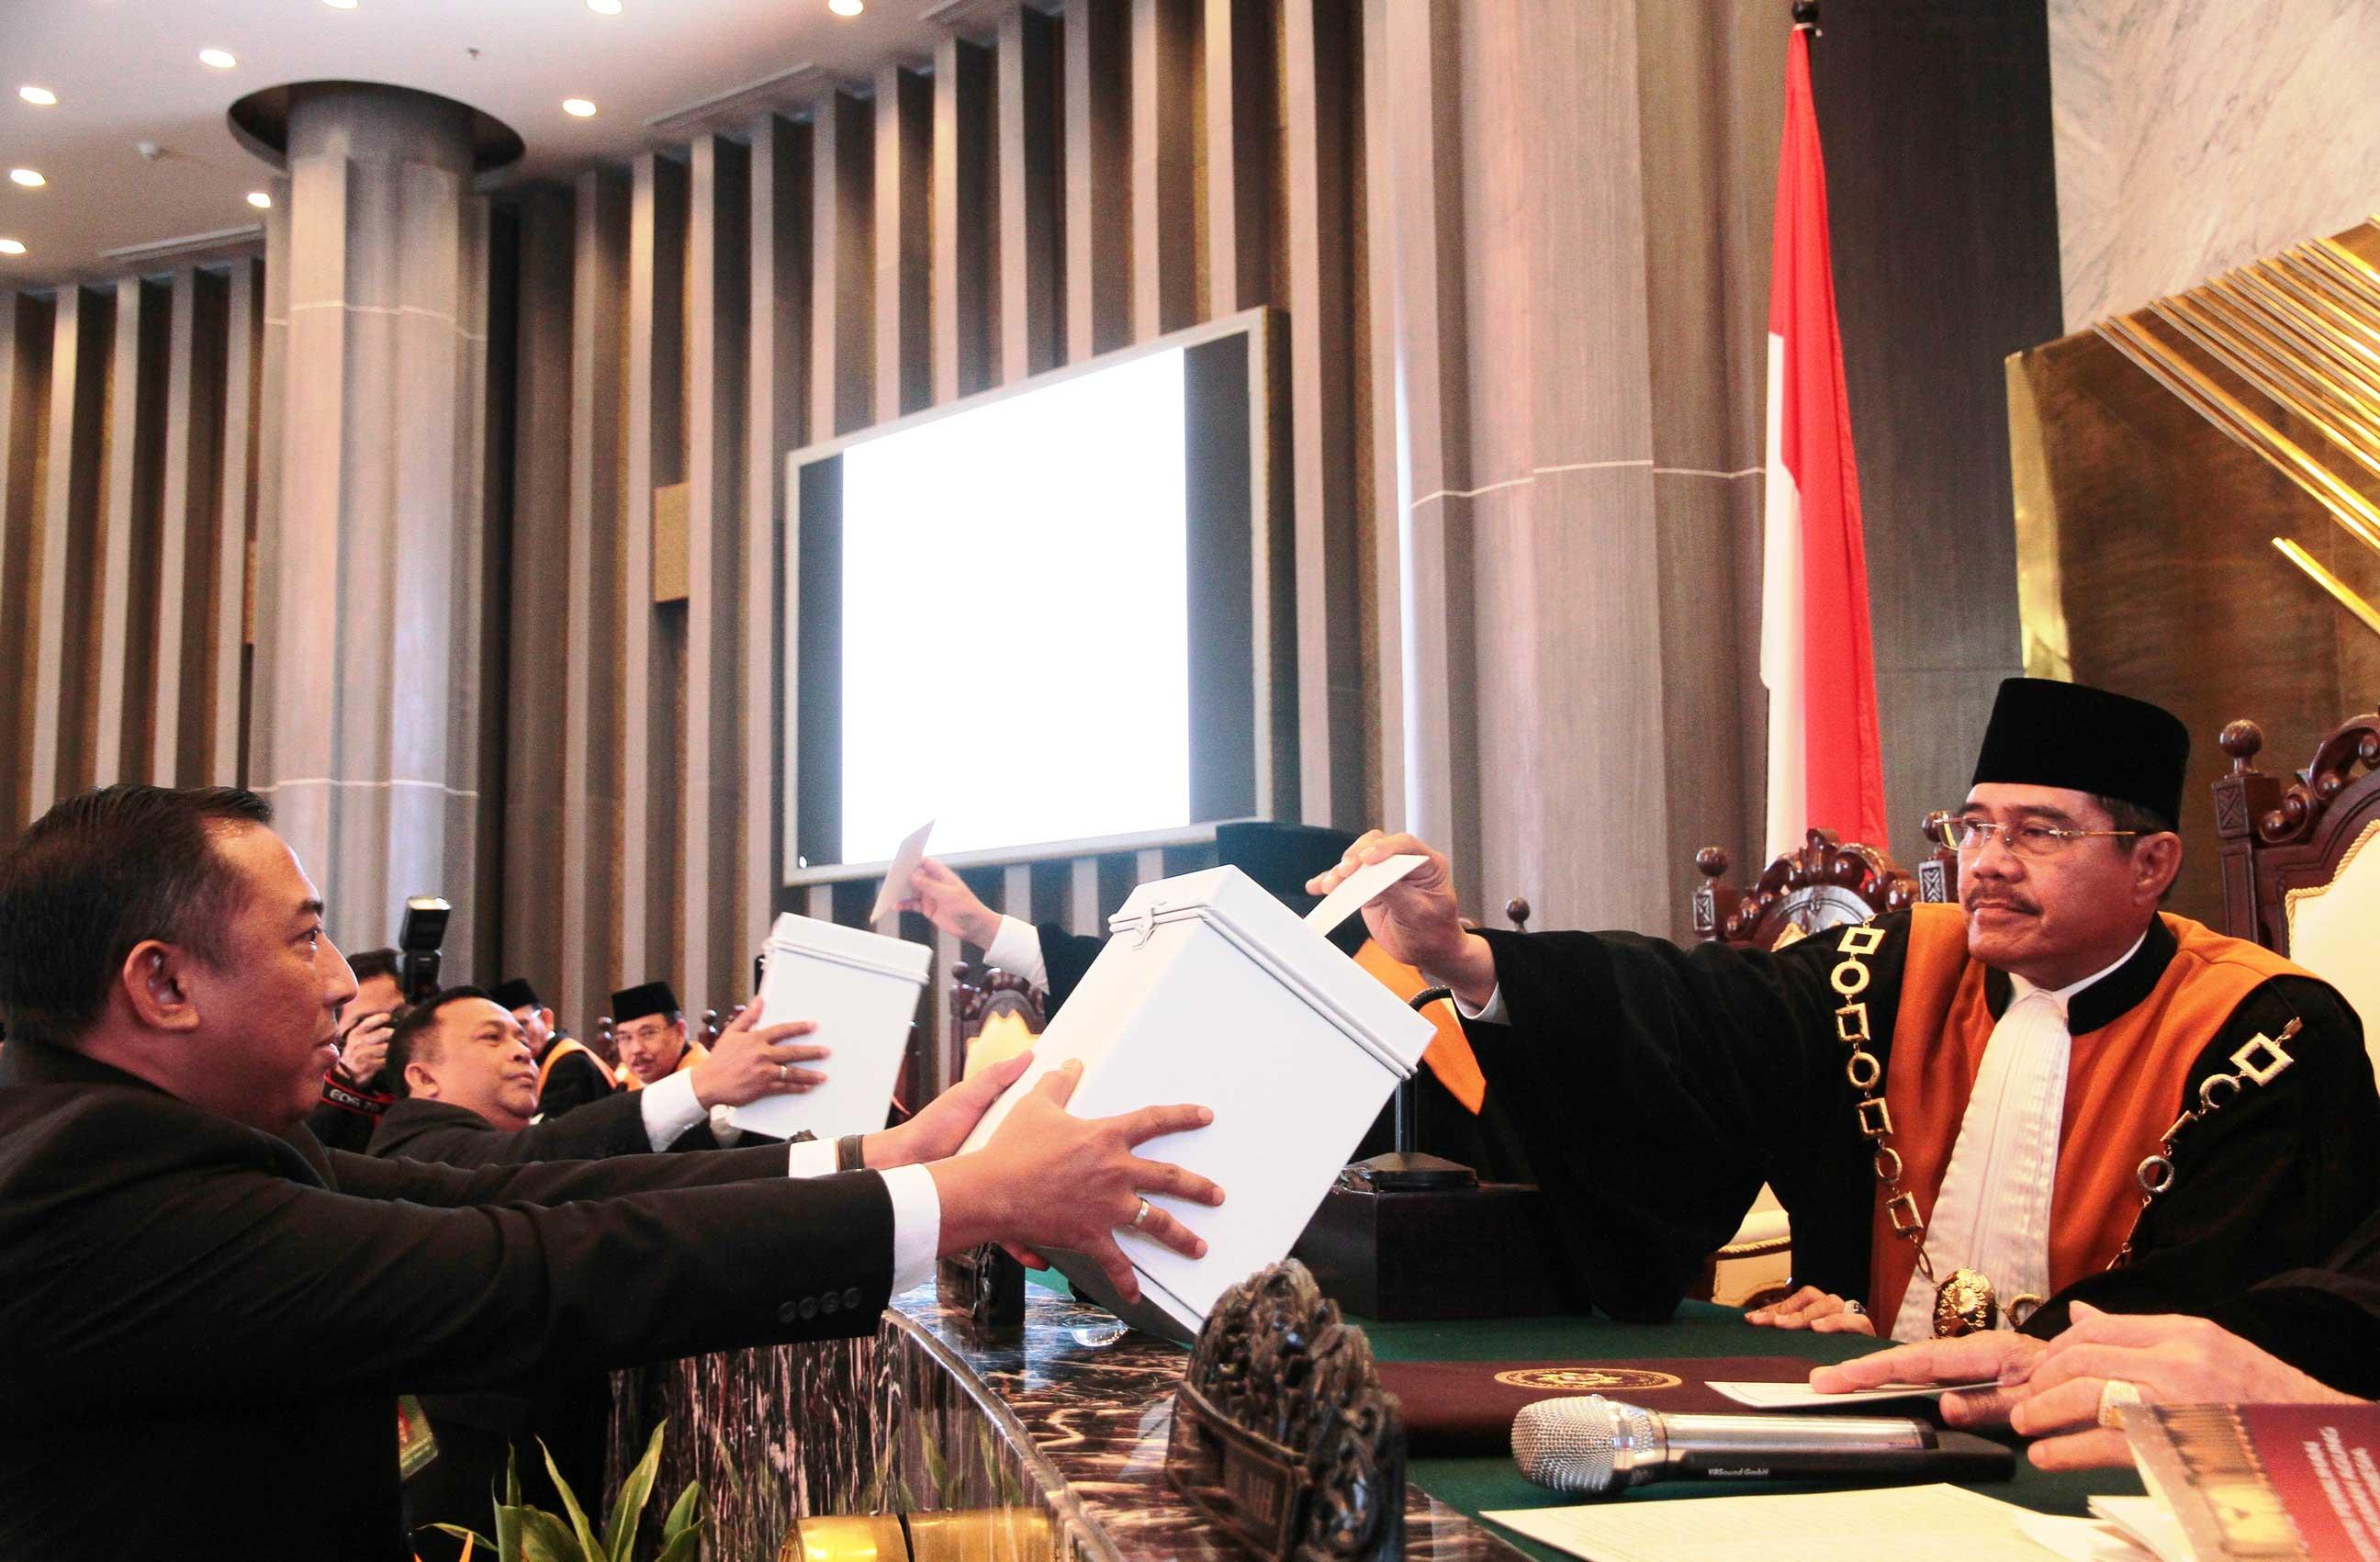 [MARI] Hatta Ali Terpilih Menjadi Ketua Mahkamah Agung 2017-2020